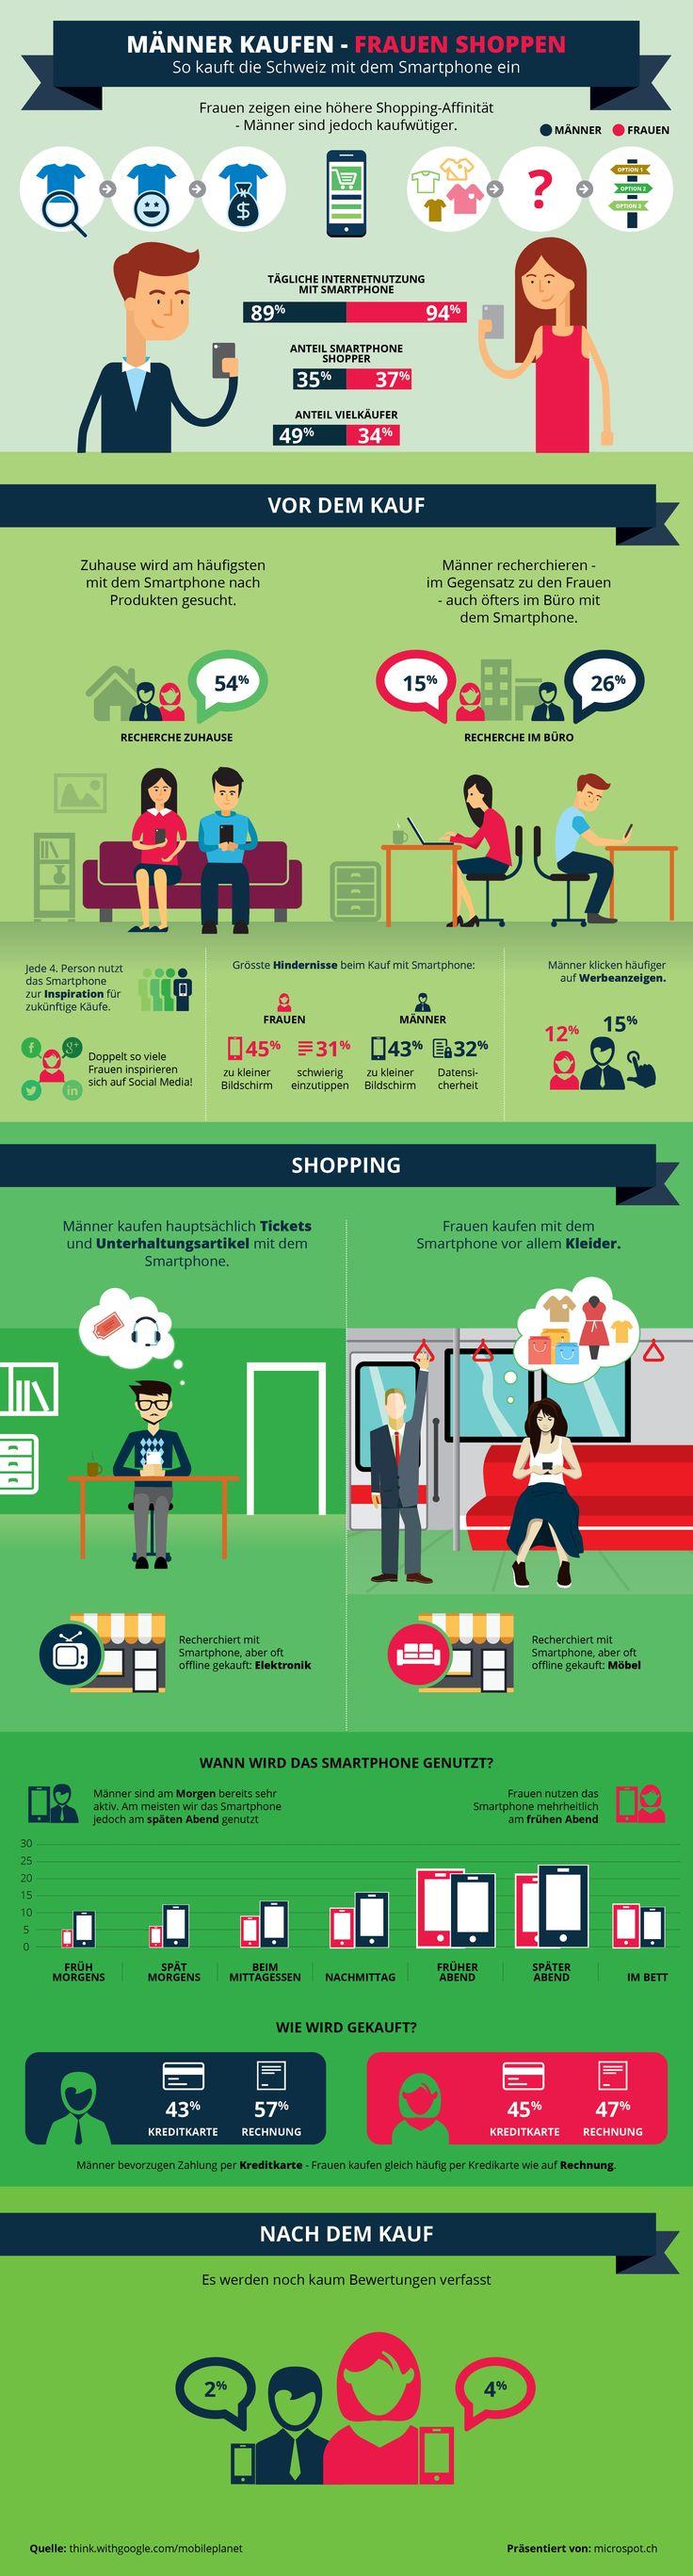 Smartphone kaufen Infografik von microspot.ch